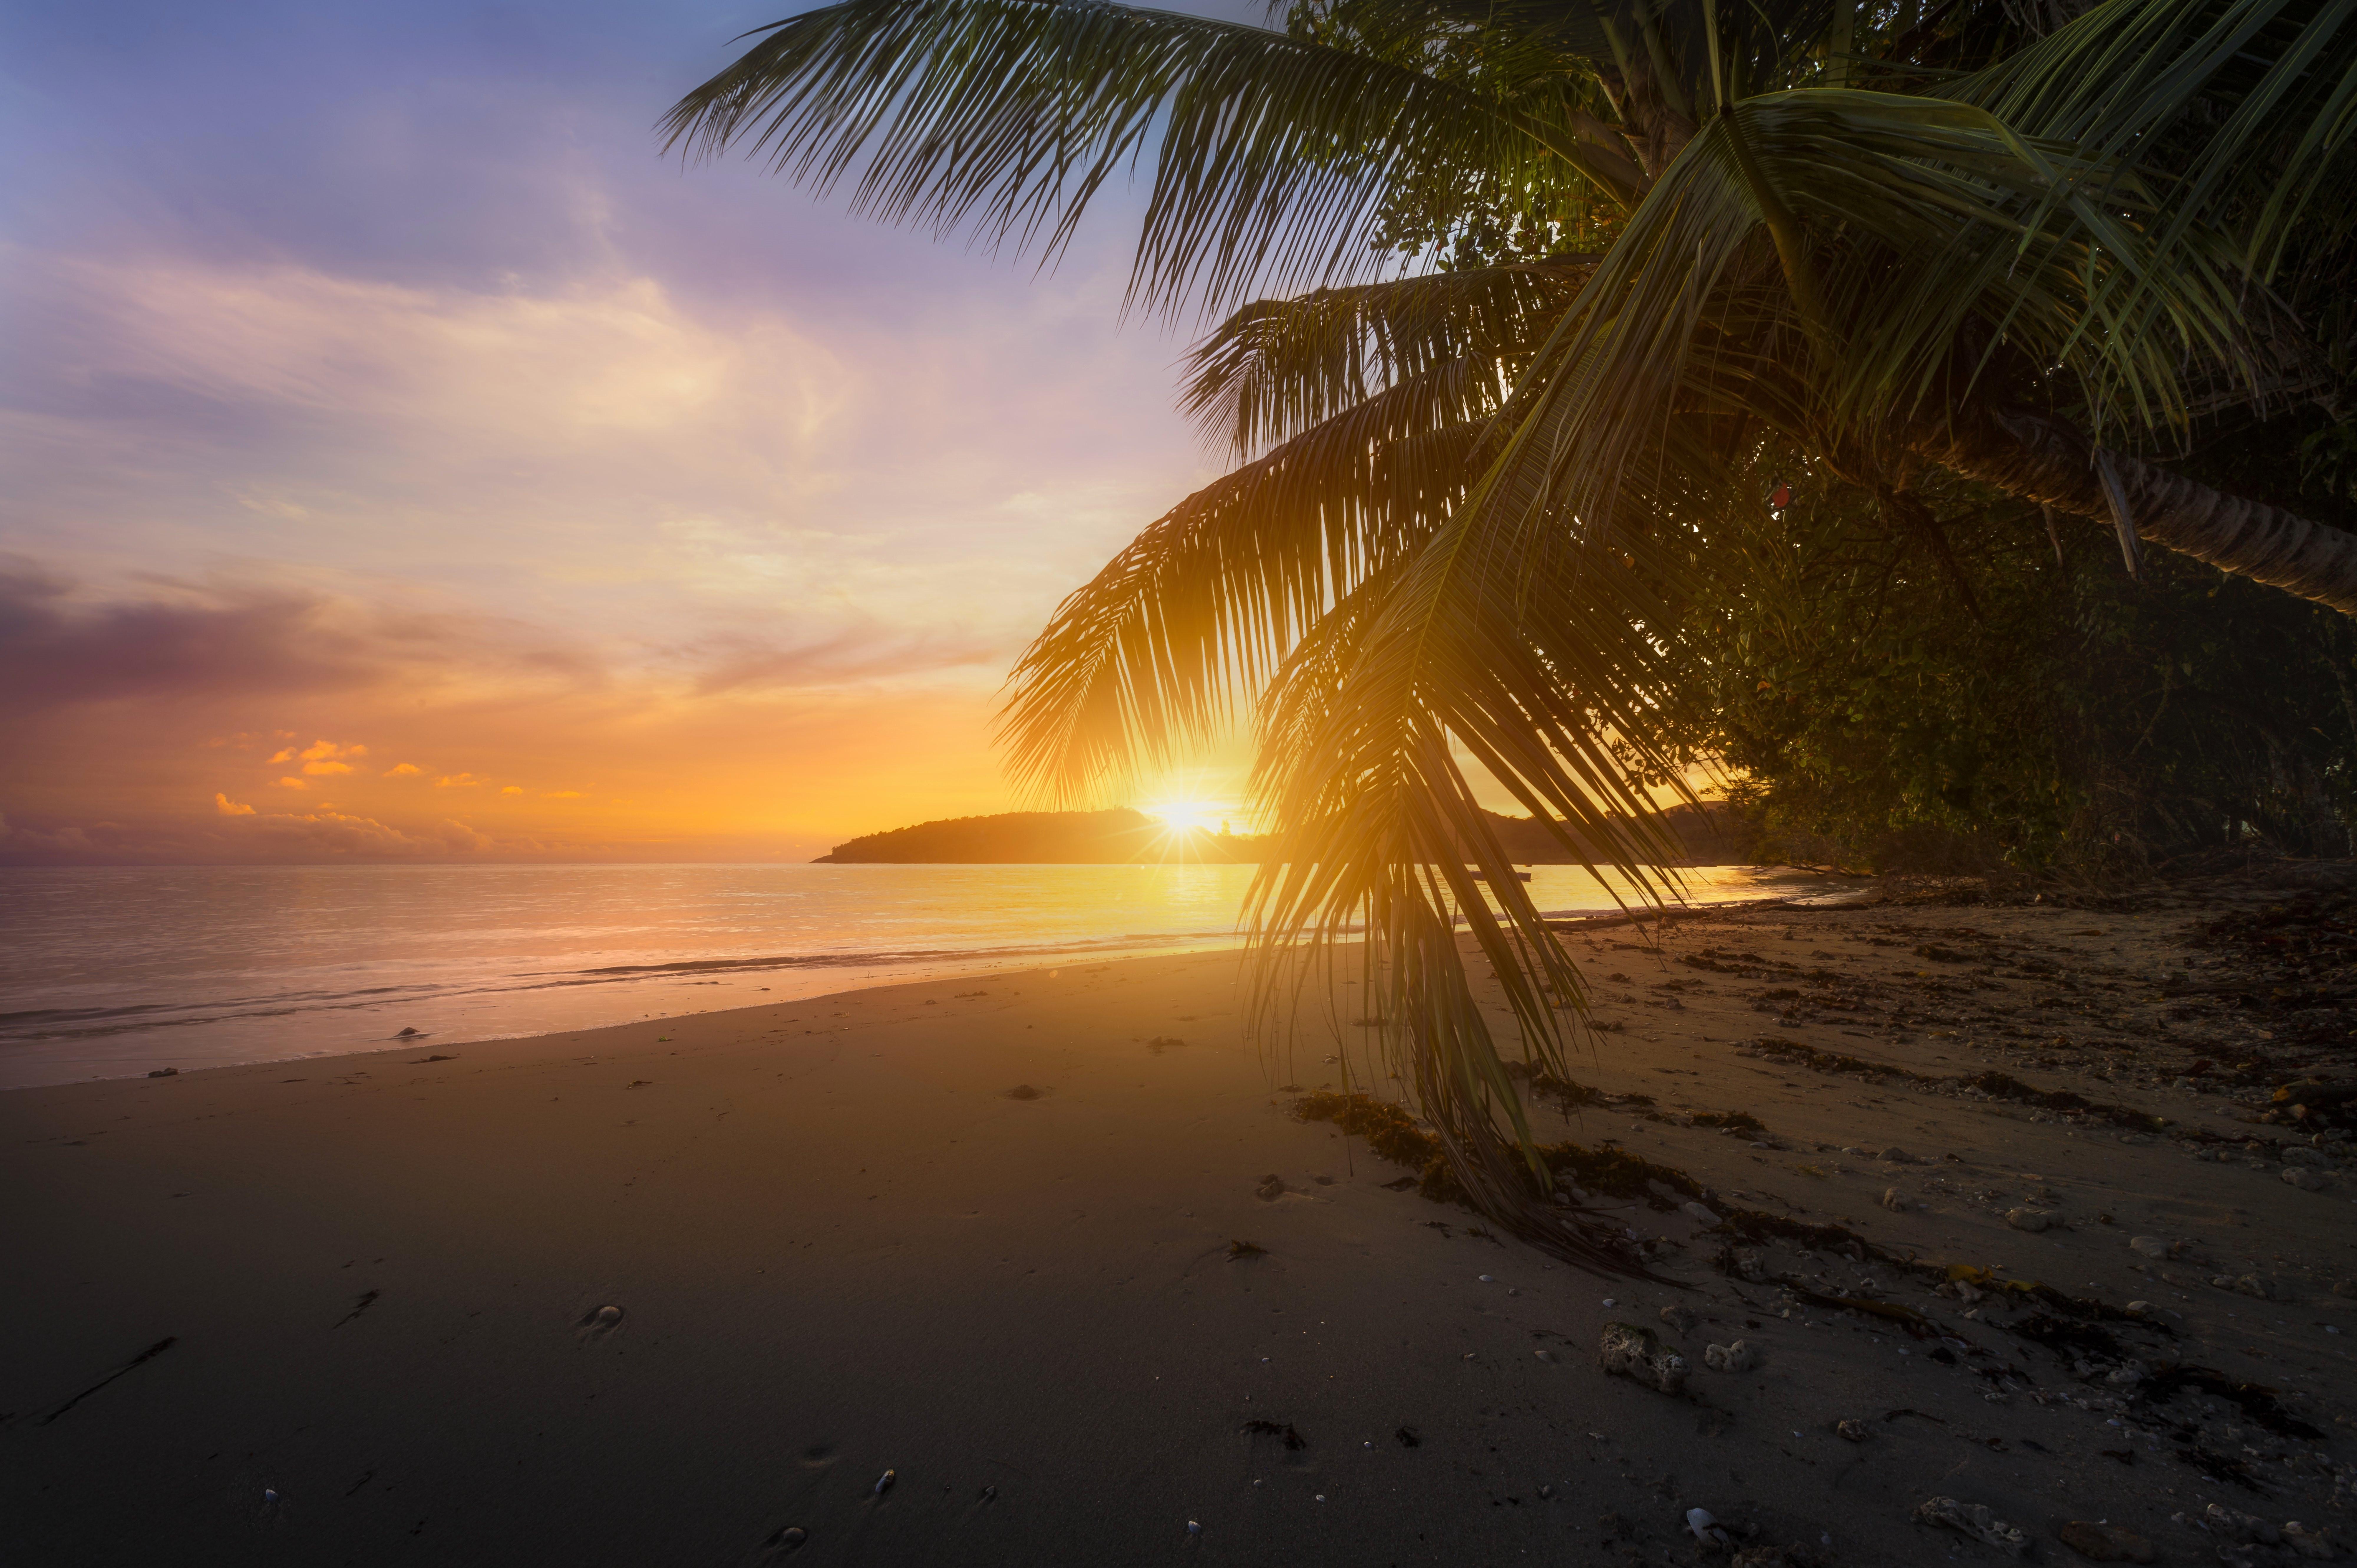 обои Порт Буало, Сейшельские острова, море, закат картинки фото